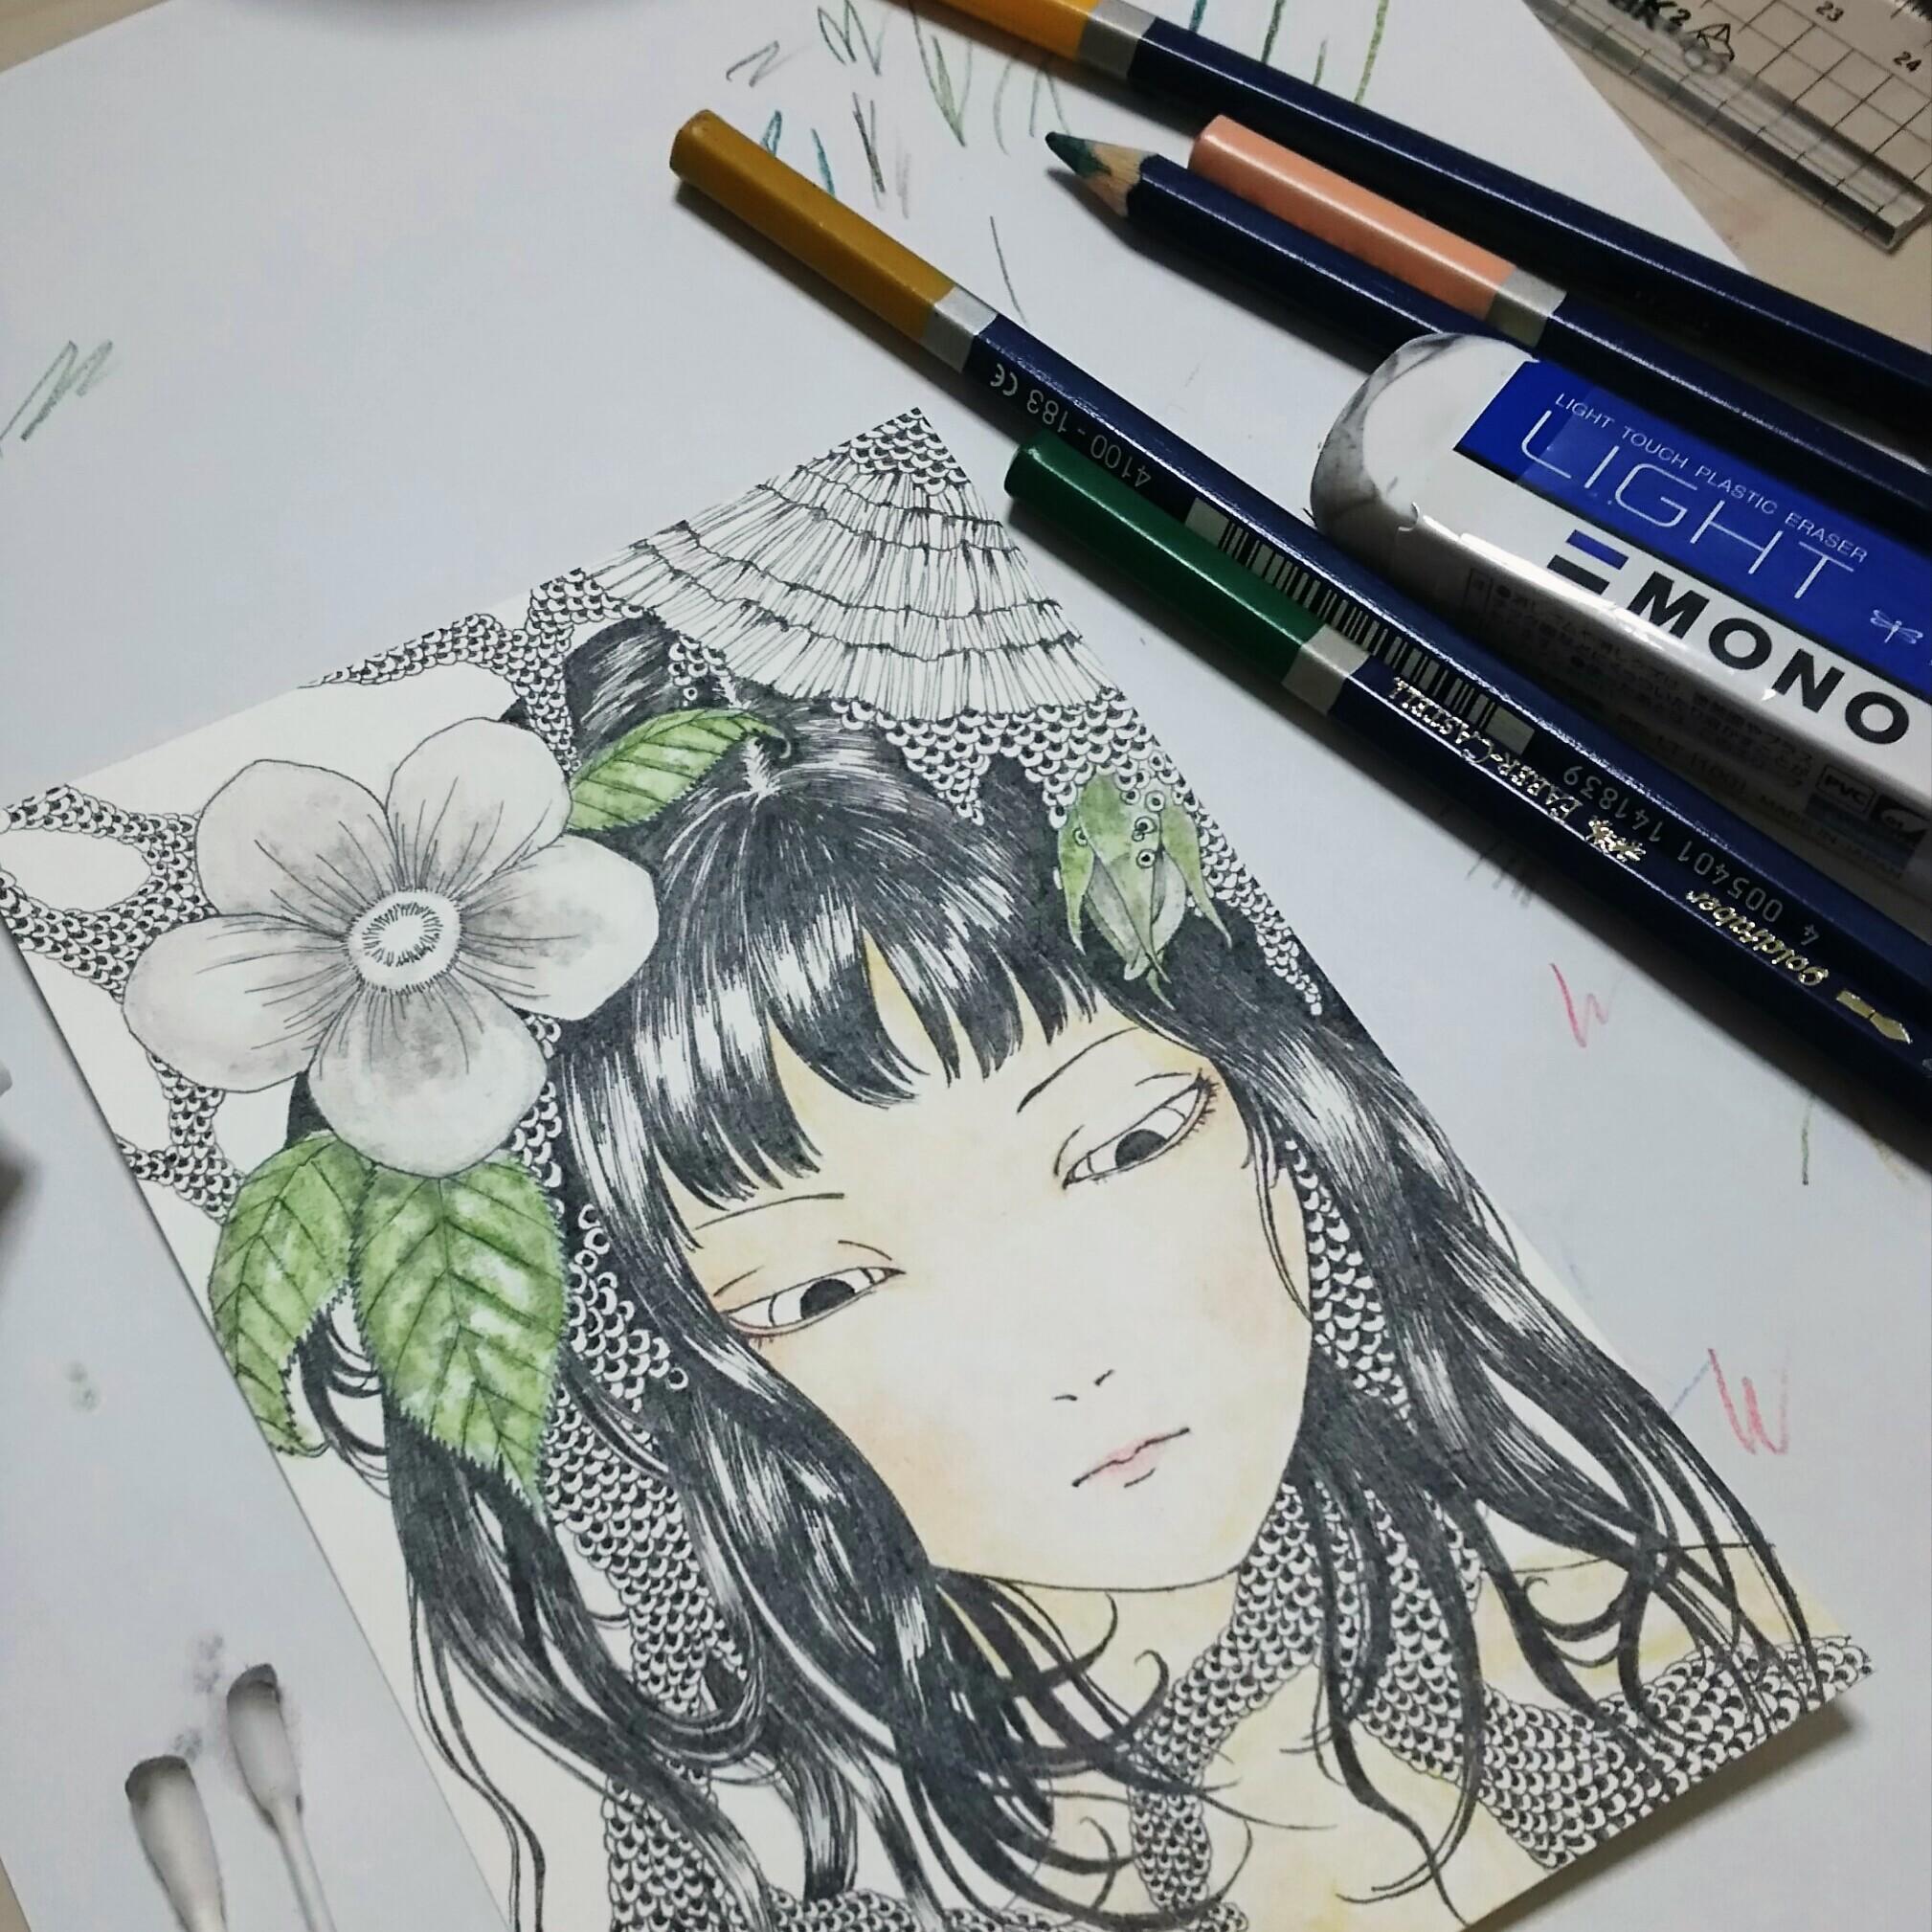 水彩色鉛筆着色メイキング 一日目 色白日本女性 女の子 の肌 唇 花弁 葉のイラストの塗り方